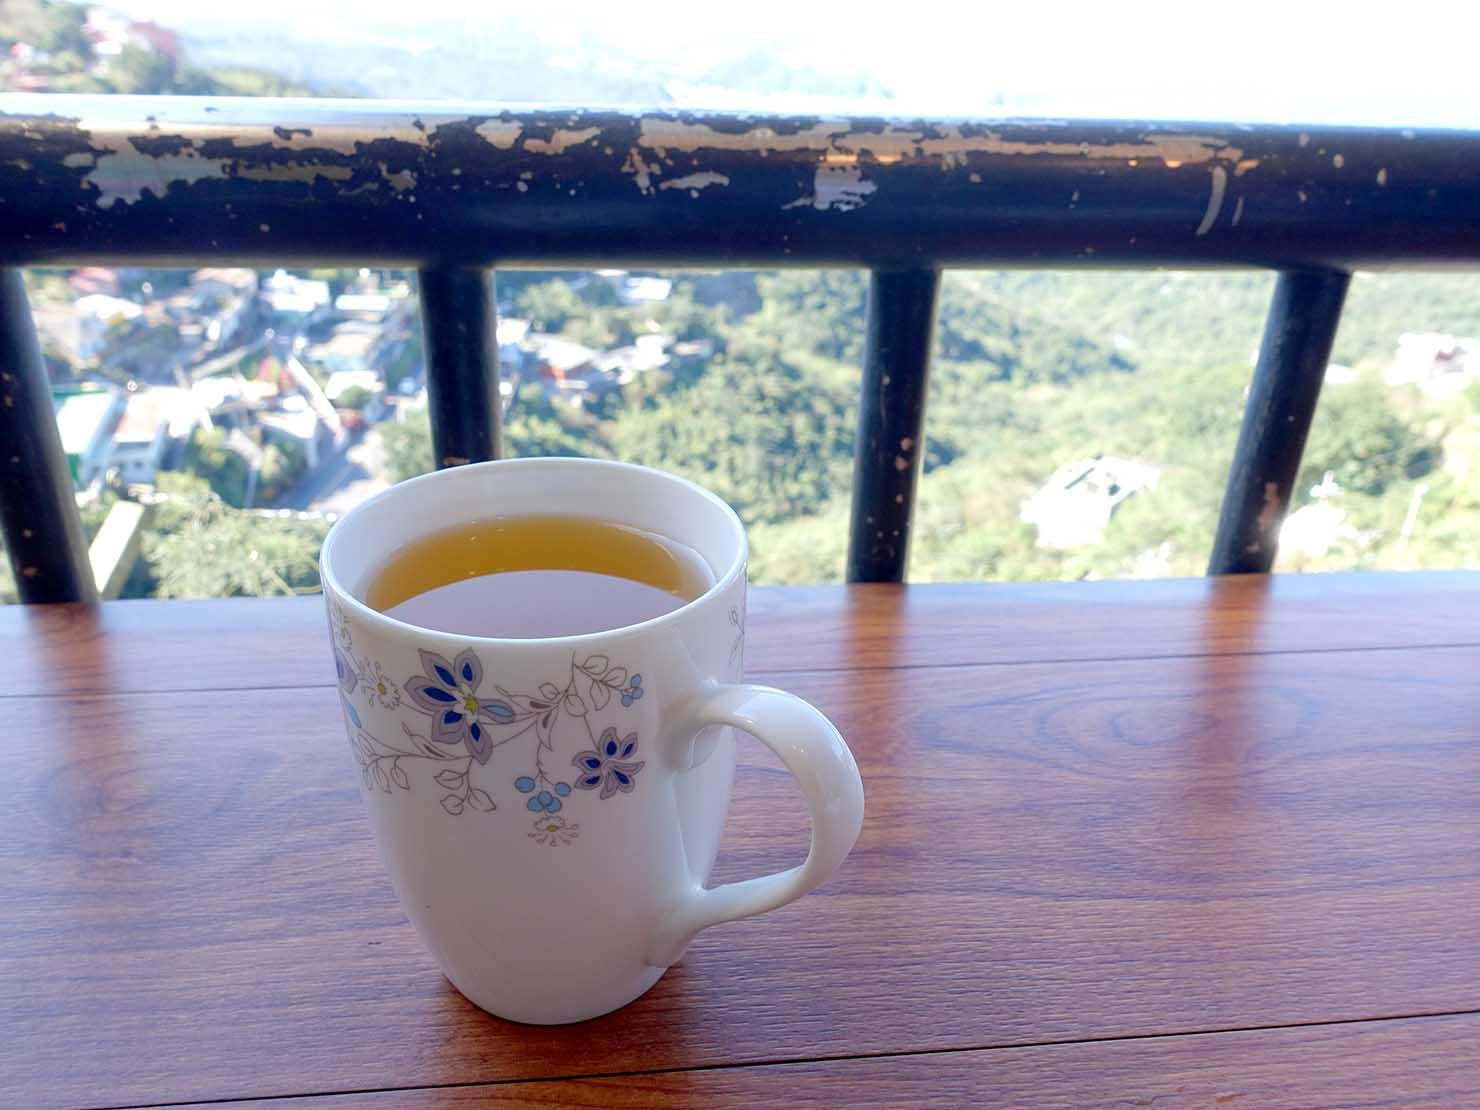 台北・九份の海の見えるレストランで飲むお茶